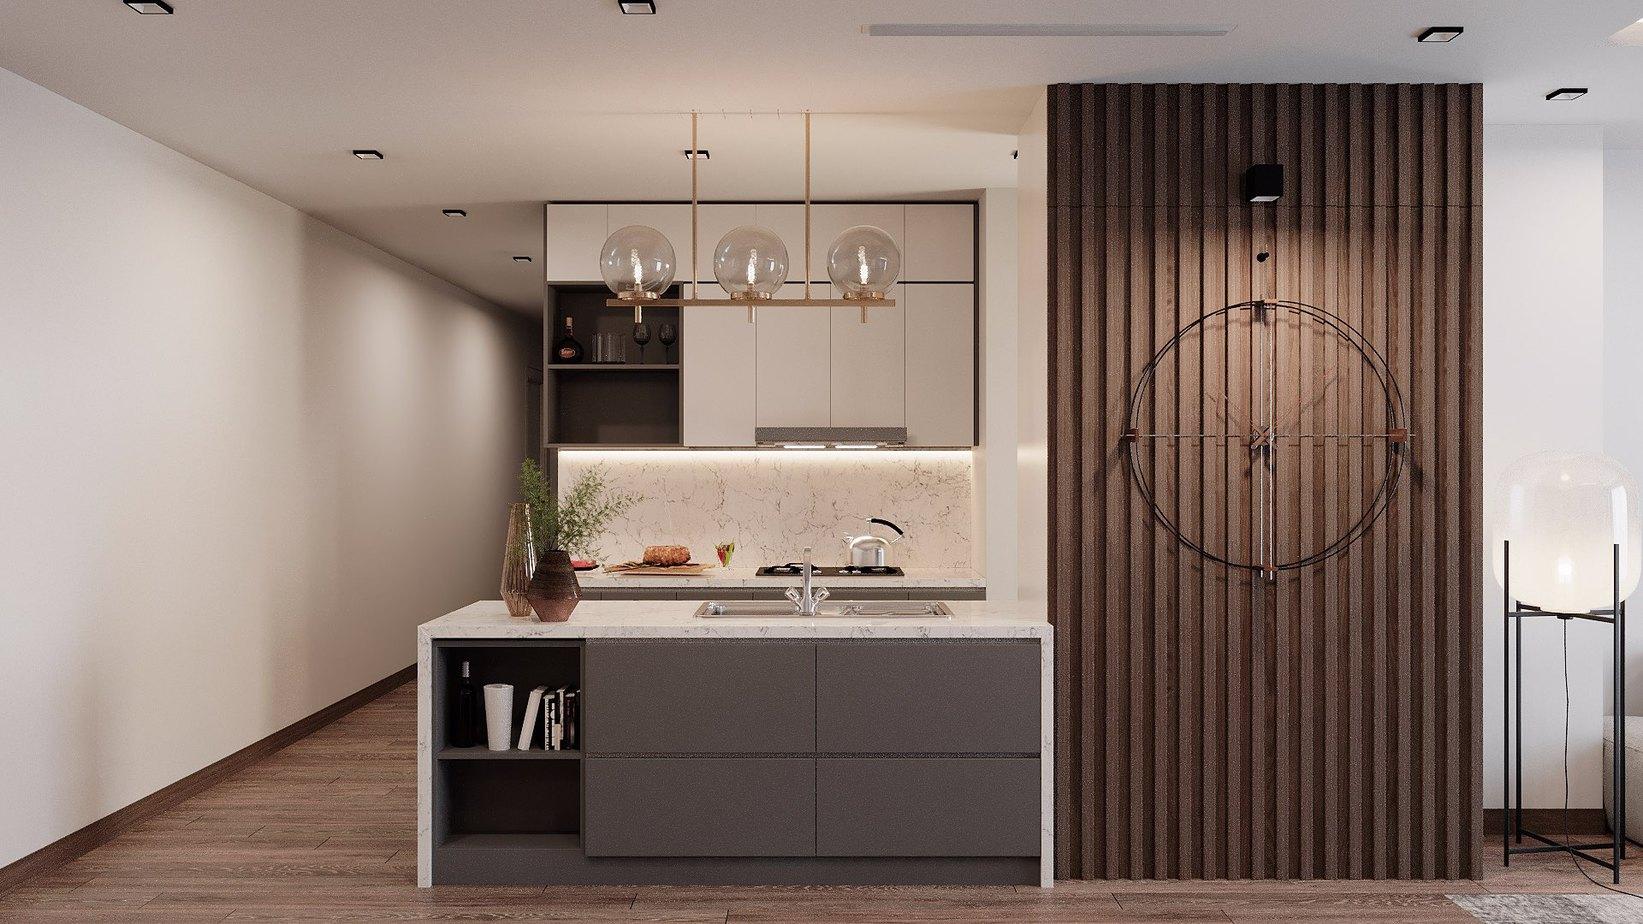 Trắng và ghi - hai tông màu không bao giờ lỗi mốt sẽ là sự lựa chọn màu sắc tuyệt vời cho tủ bếp chữ I có bàn đảo tiện dụng trong căn bếp 4m2 này